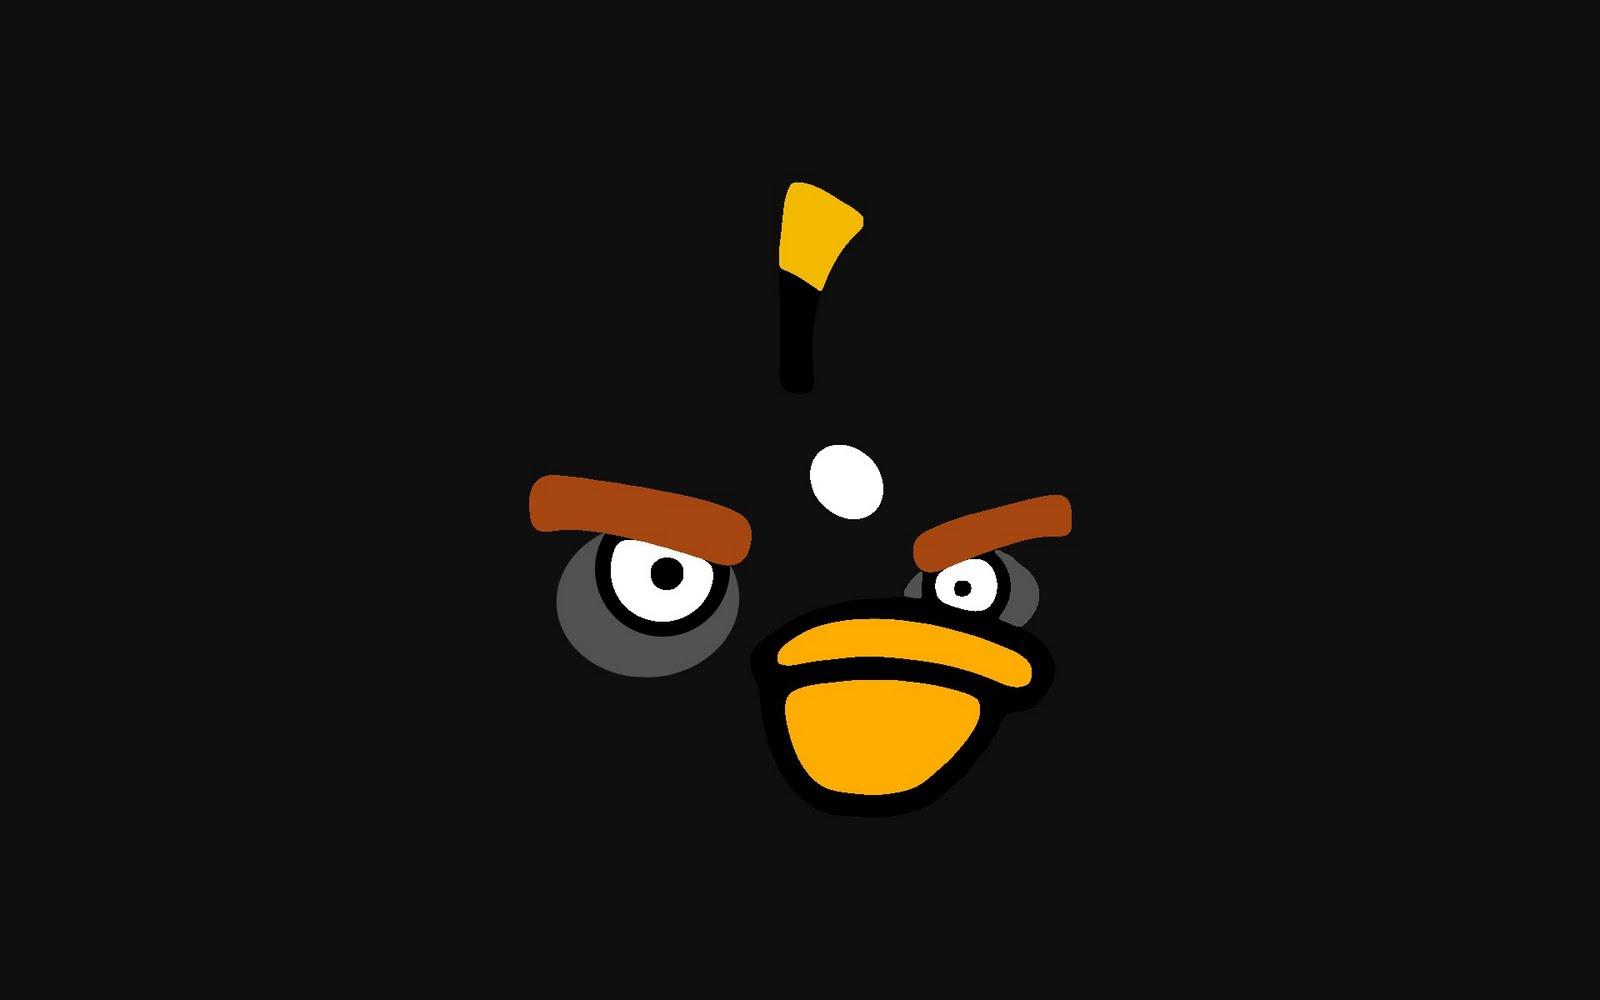 Wallpapers de Angry Birds HD DragonXoft 1600x1000